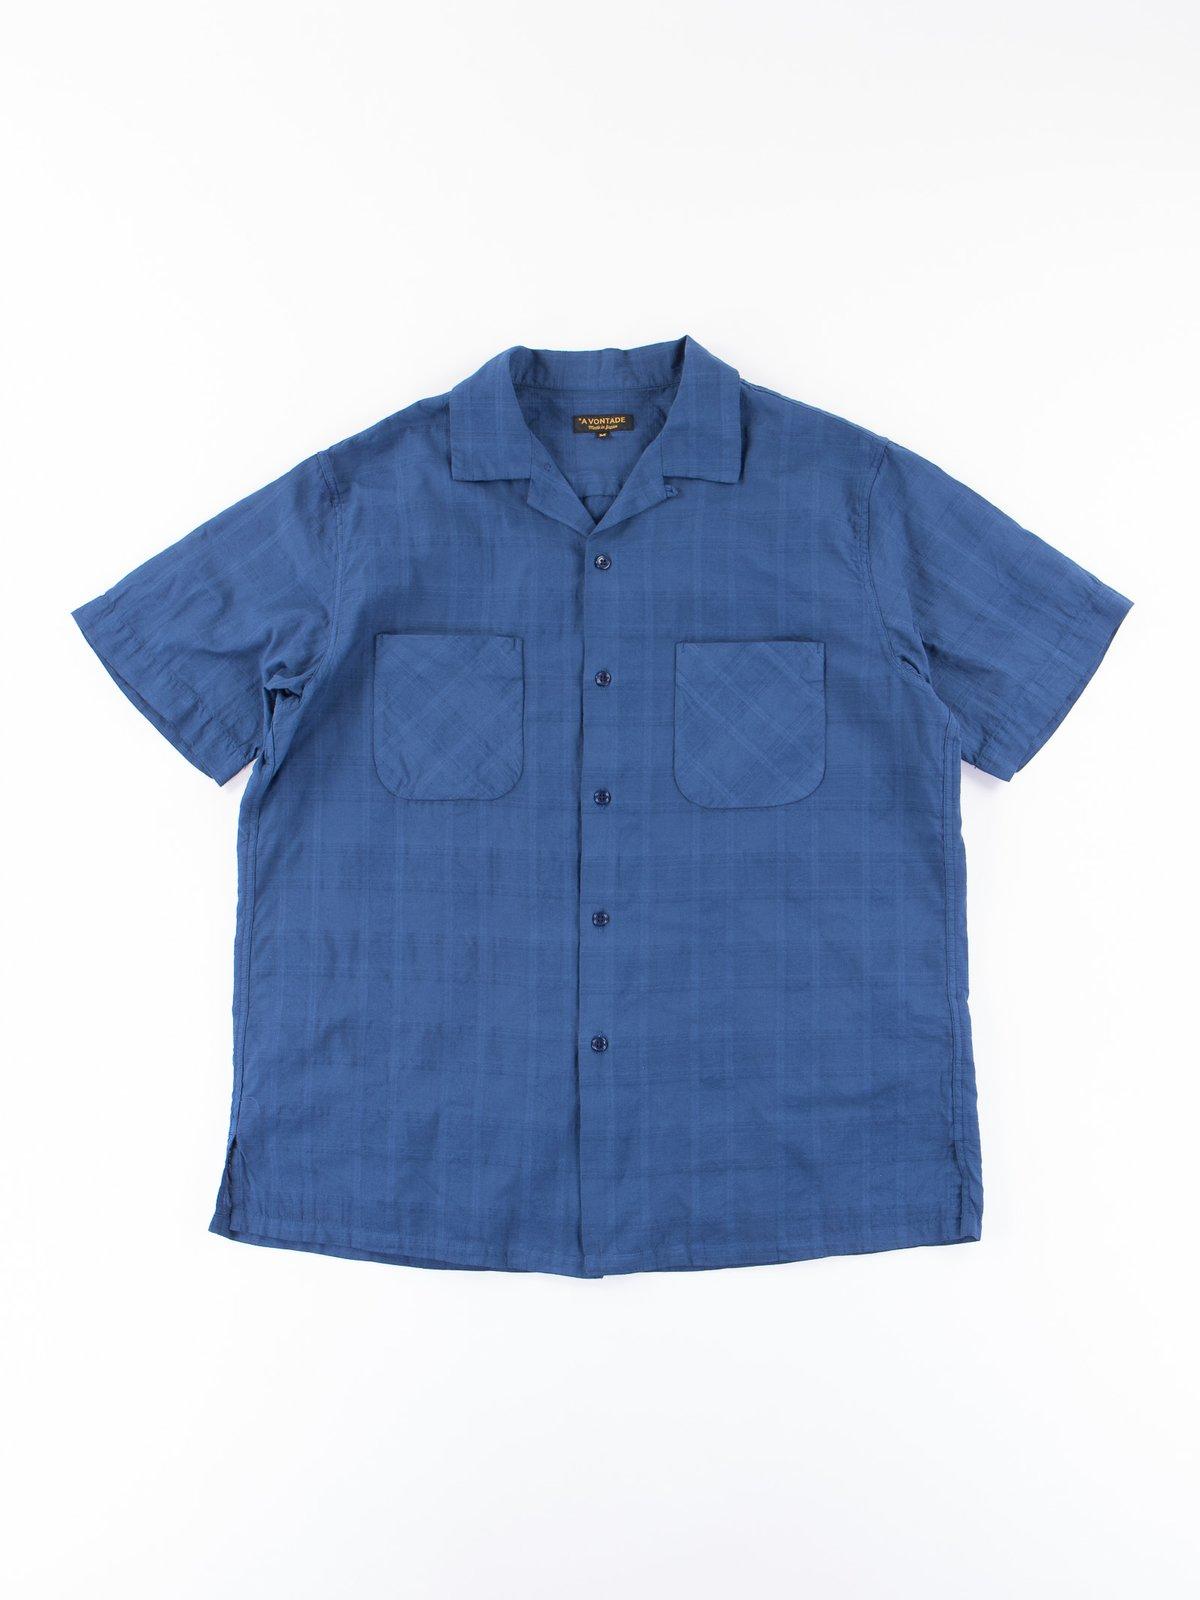 Navy Blue Open SS Shirt - Image 1